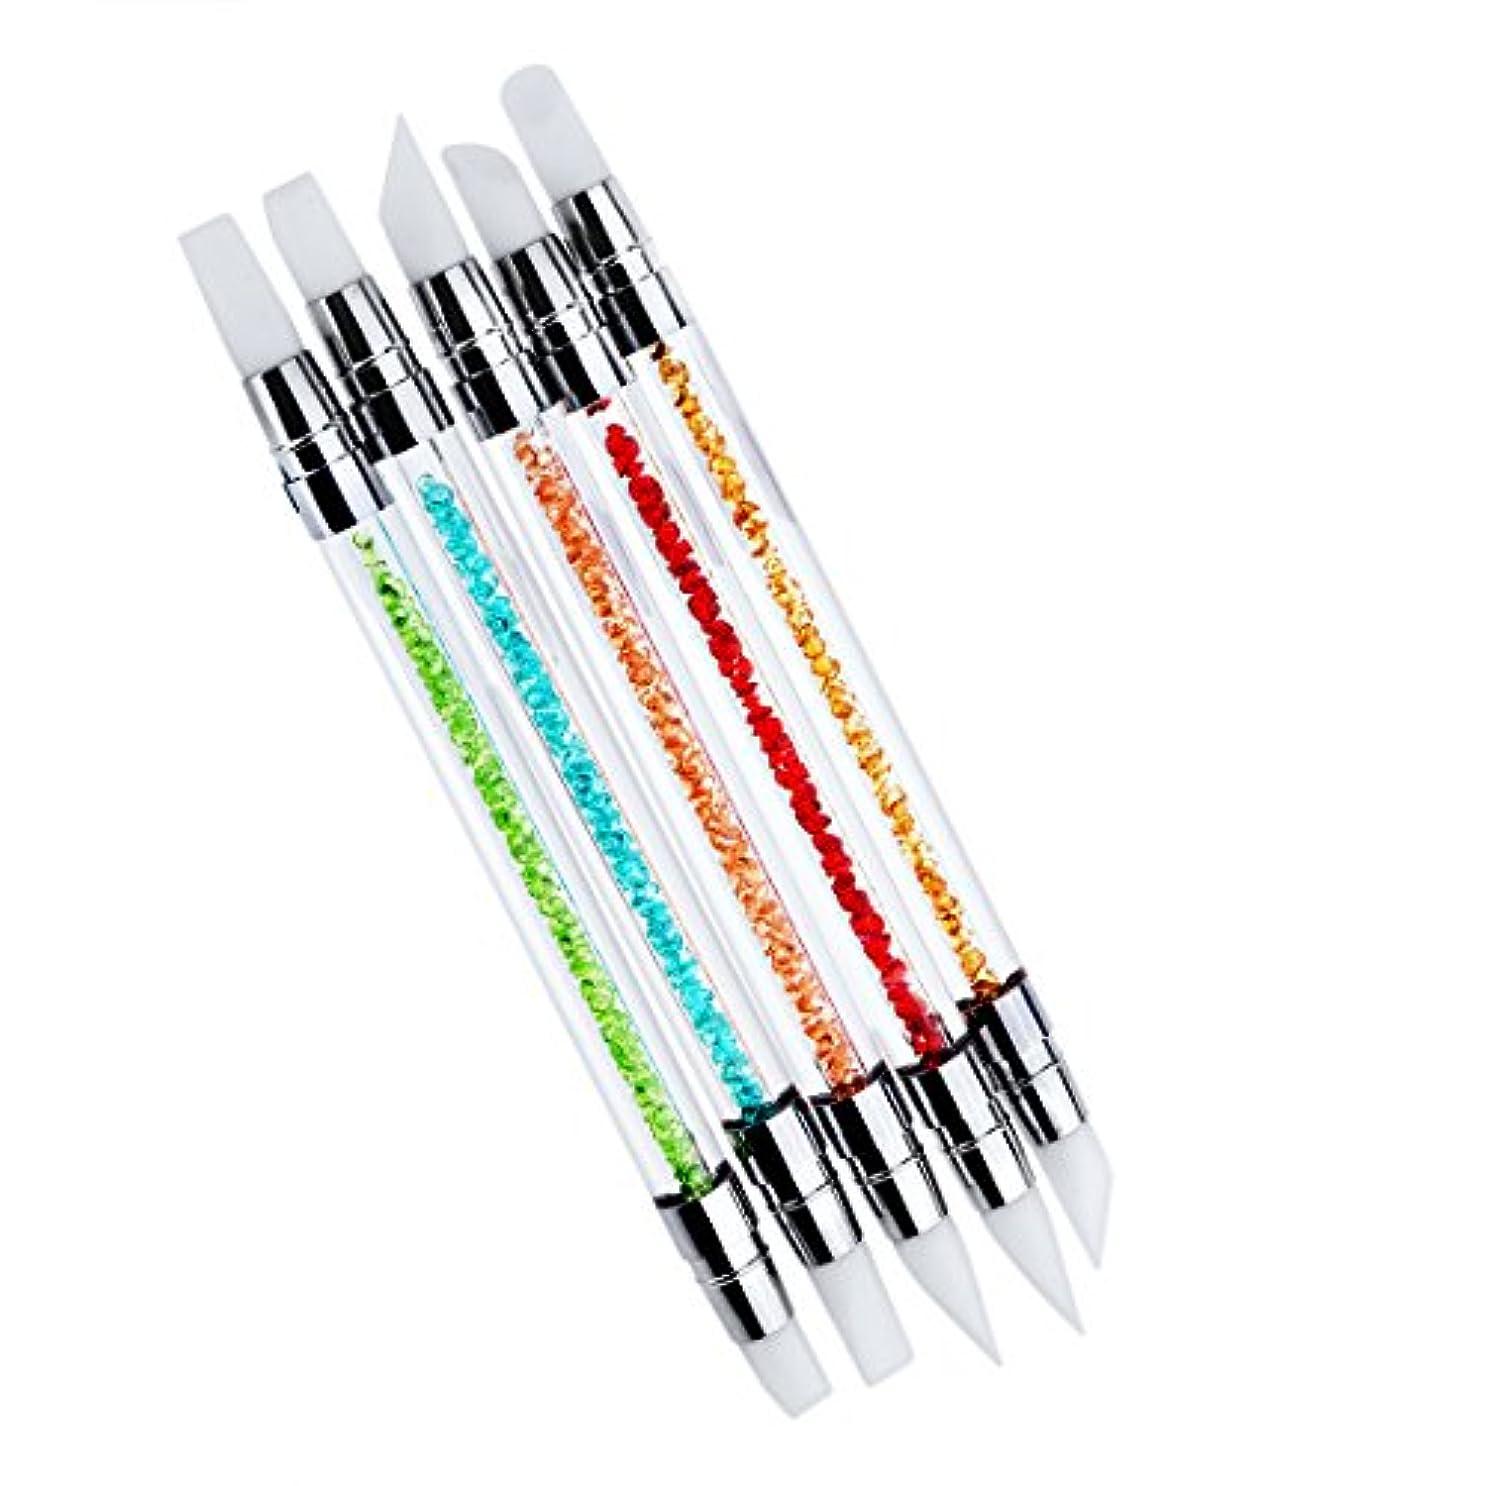 外交問題ちょうつがいセッティングBiutee ネイル筆 シリコン筆 ネイルアートブラシ ネイル専用 ネイルアートブラシ 新型 画筆 ペイントブラシ 5本セット シリコン筆先 ジェルネイル用ブラシ